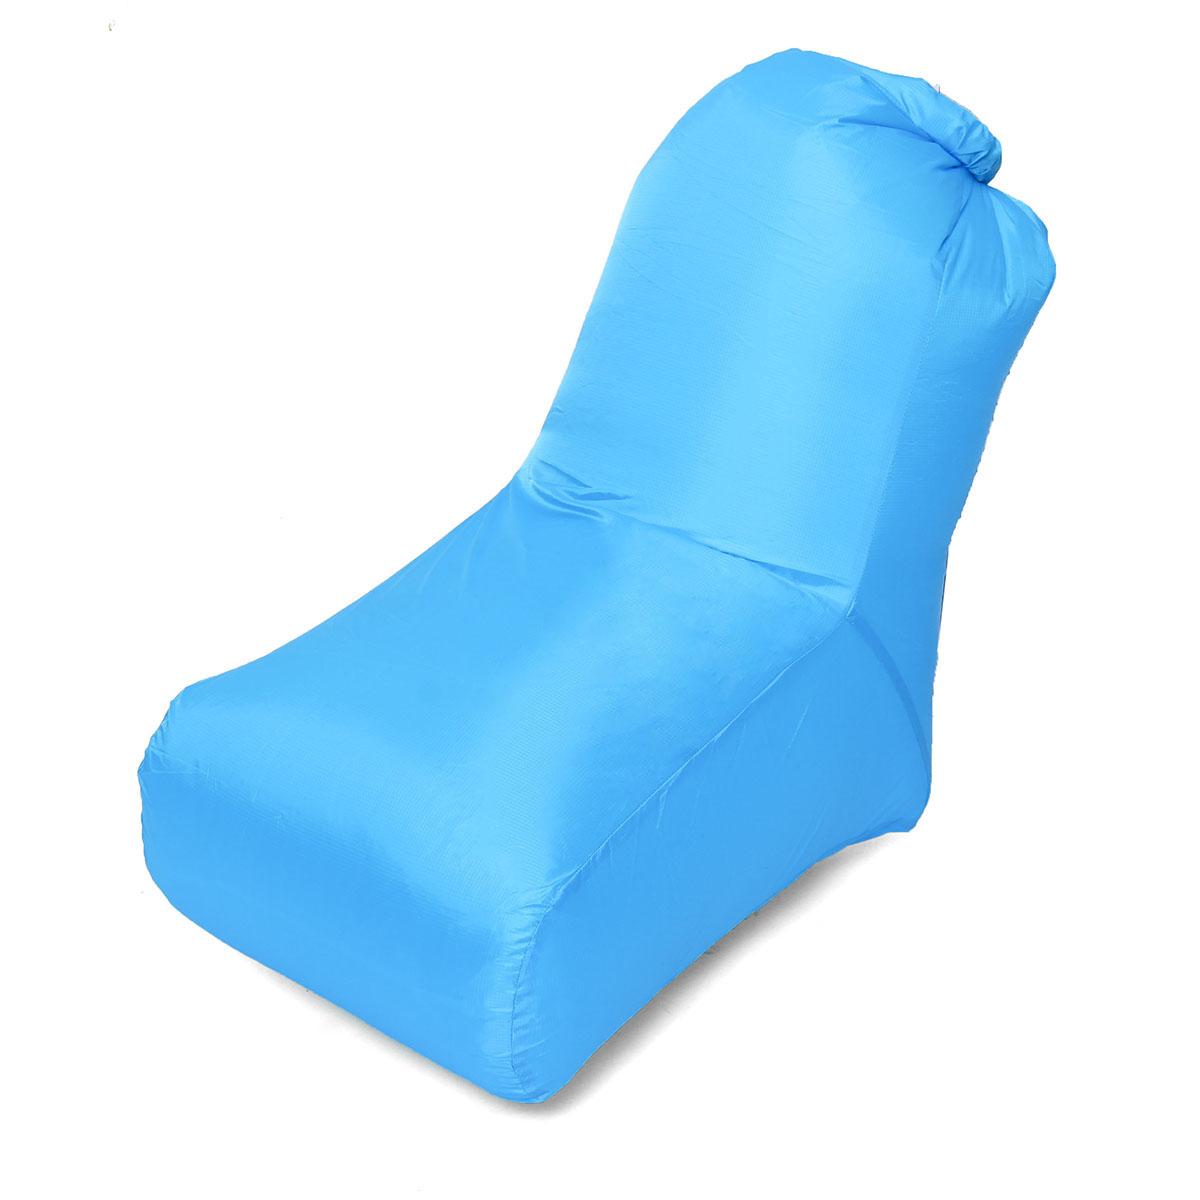 Надувной ленивый диван на 85x75 см, раскладной диван-кровать Пляжный Кресло Макс. Нагрузка 150 кг На открытом воздухе Кемпинг